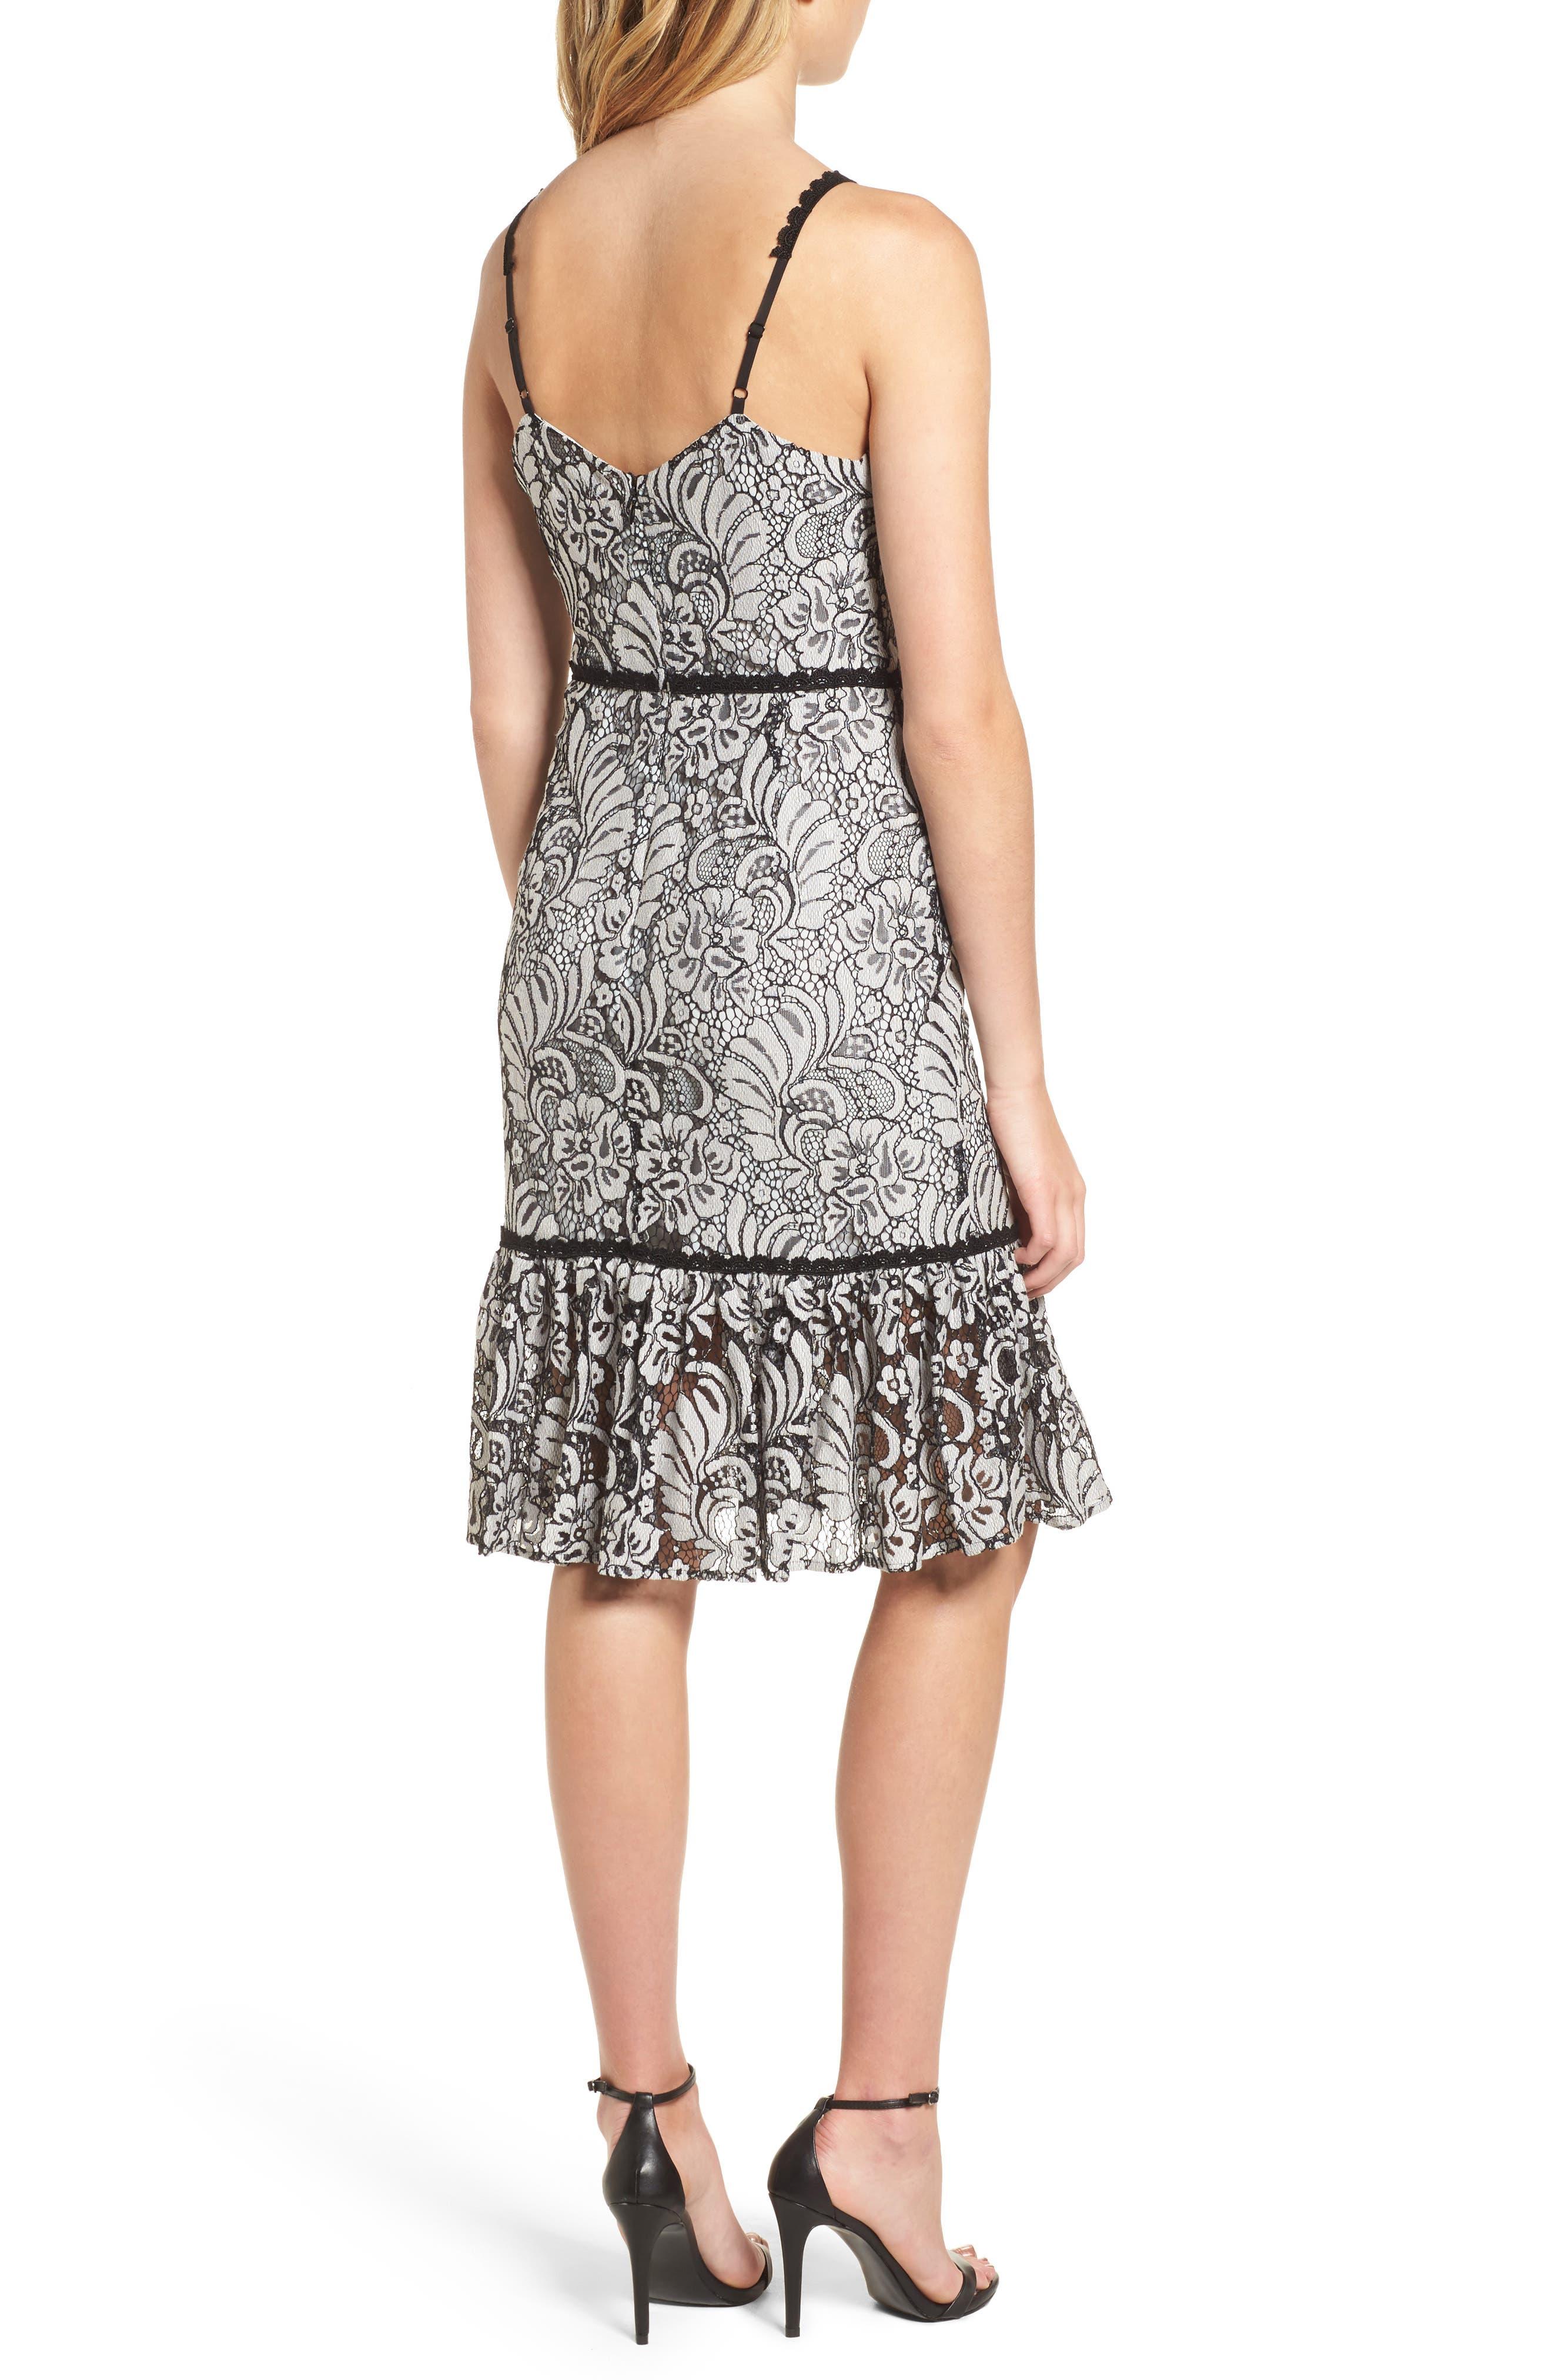 Sue Lace Dress,                             Alternate thumbnail 2, color,                             900